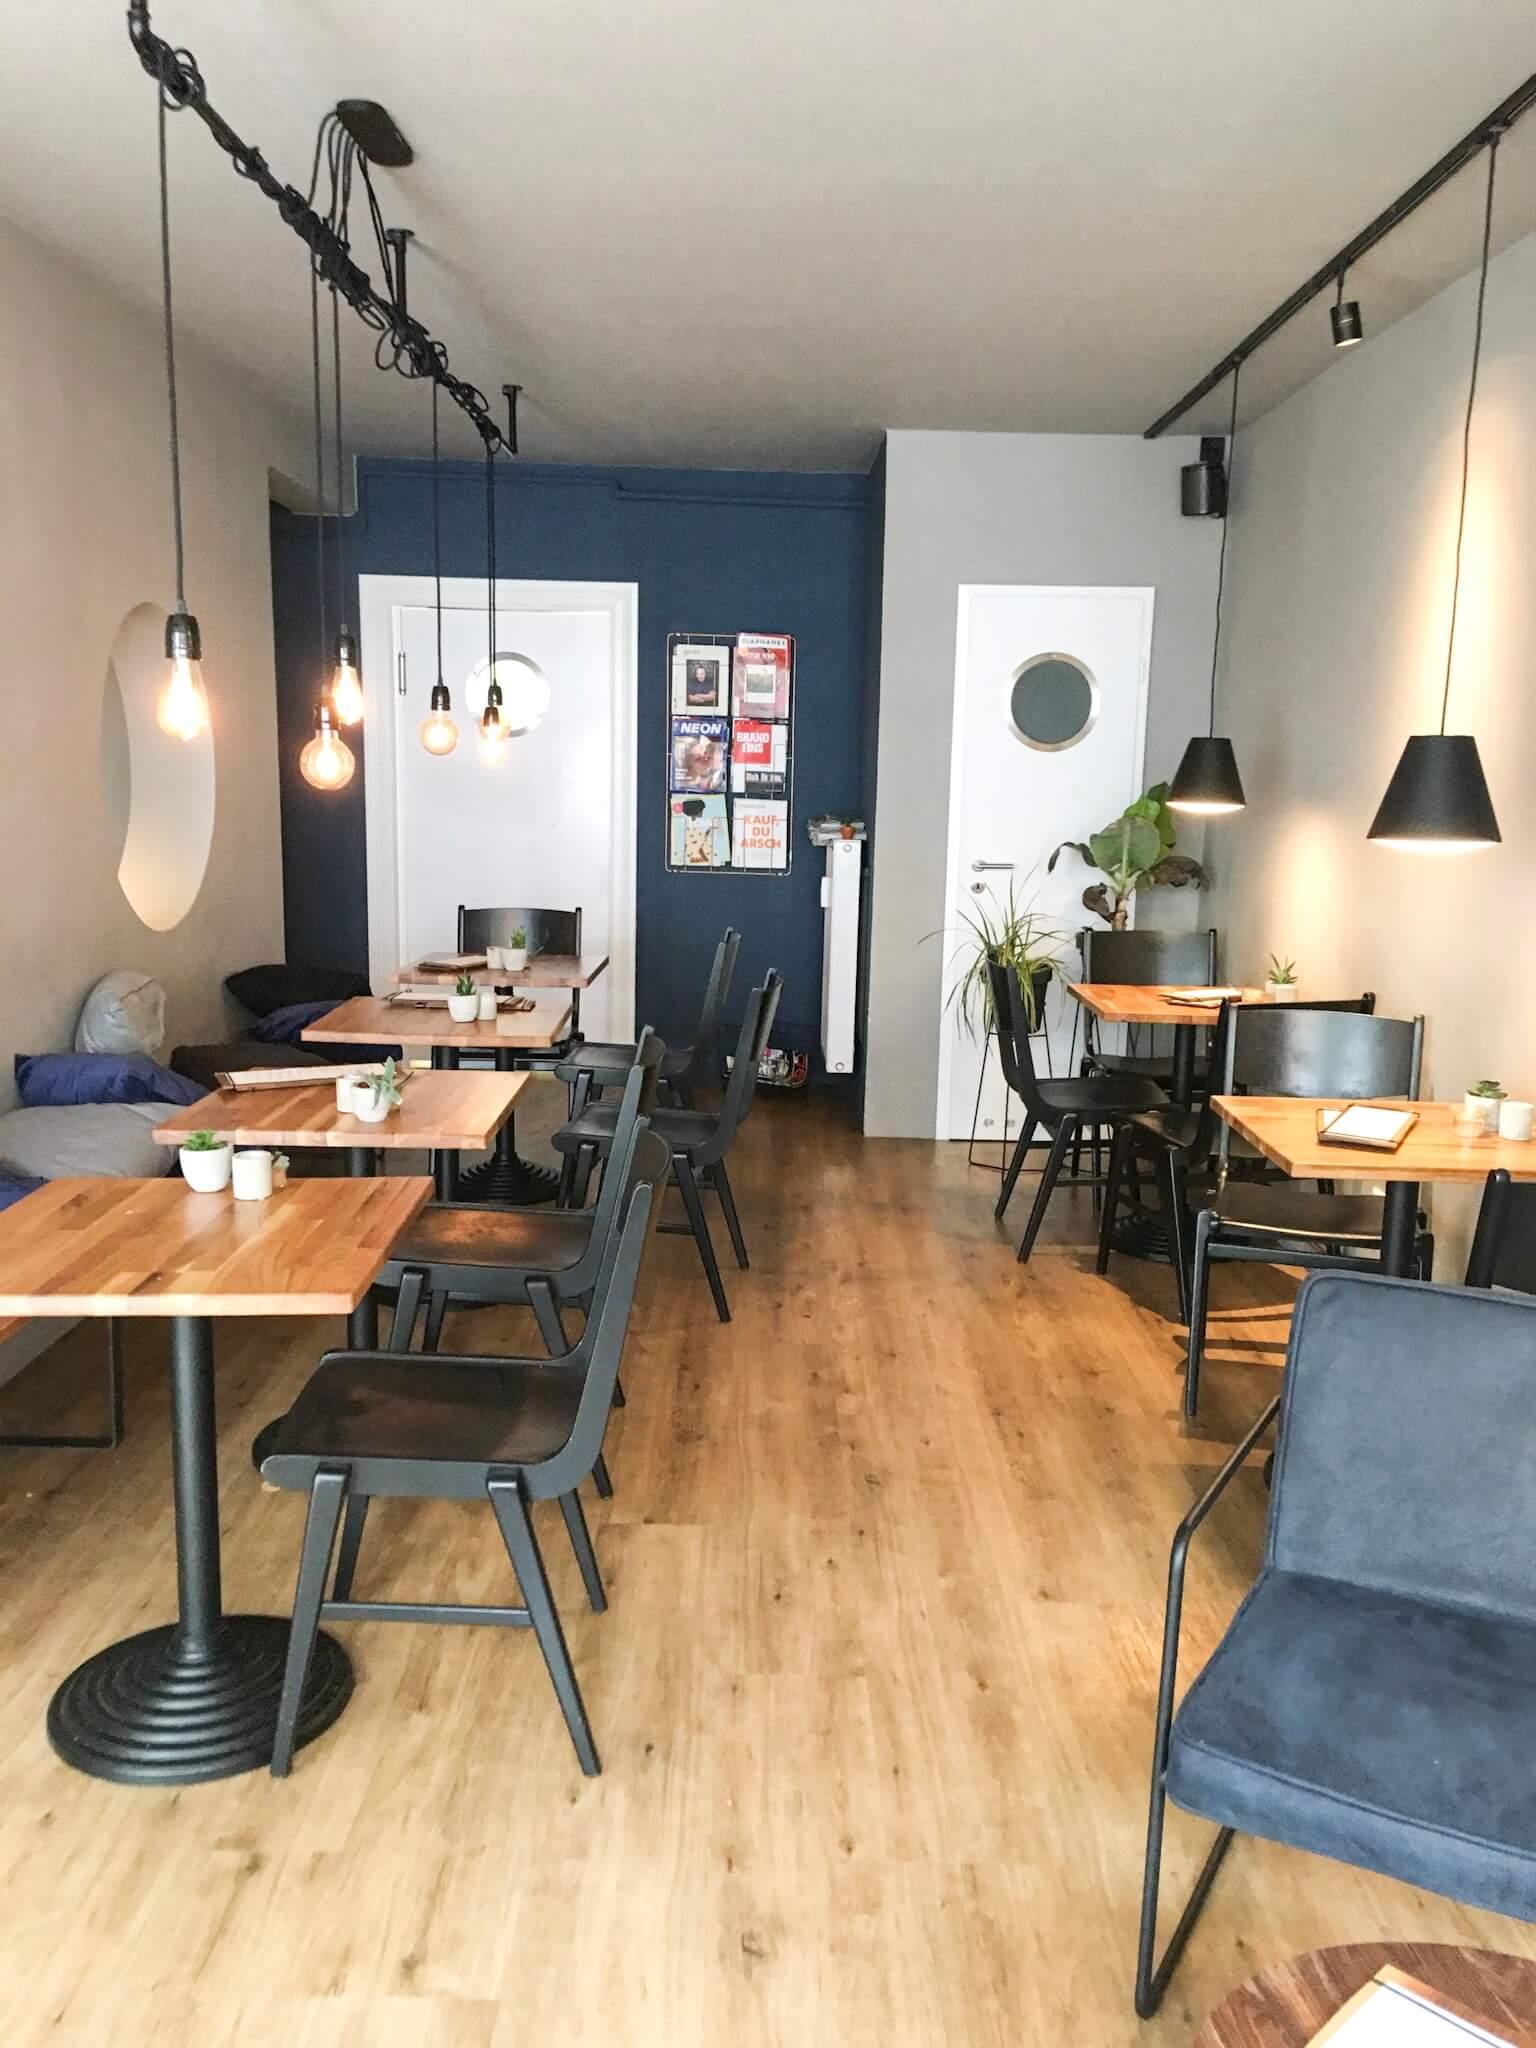 wohn.glück - interior design hamburg | Mein Wochenrückblick No.11